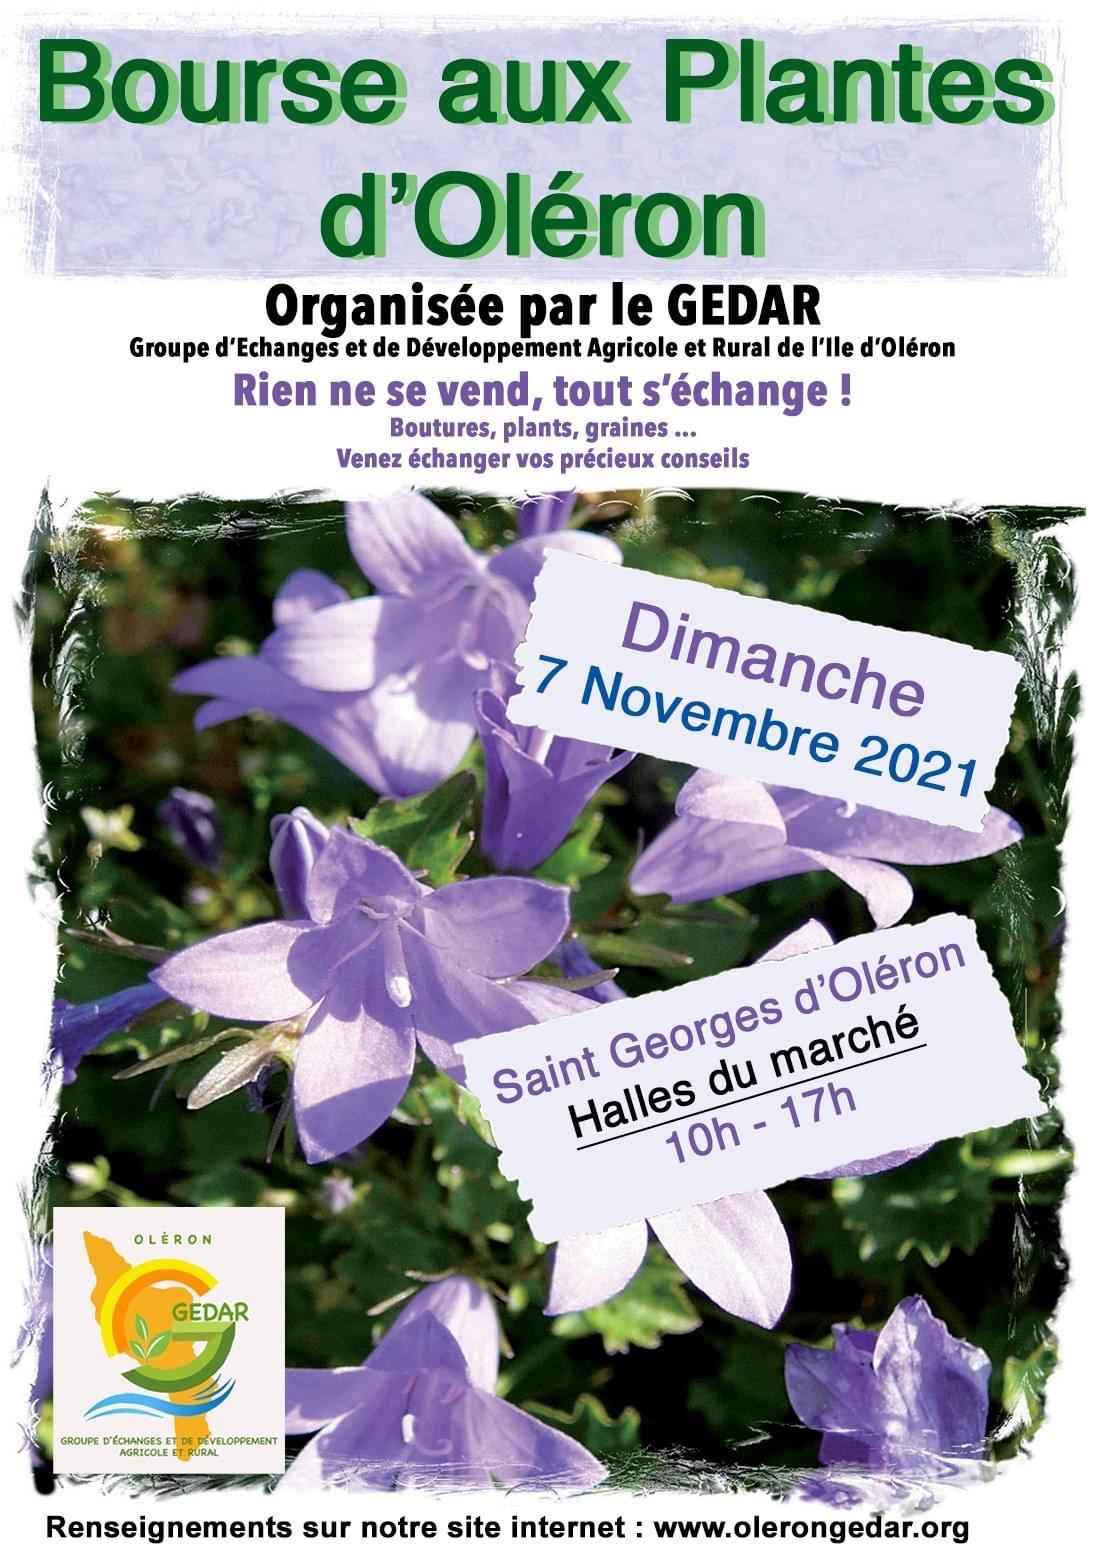 Bourse aux plantes le 7 novembre 2021 à Saint-Georges-d'Oléron